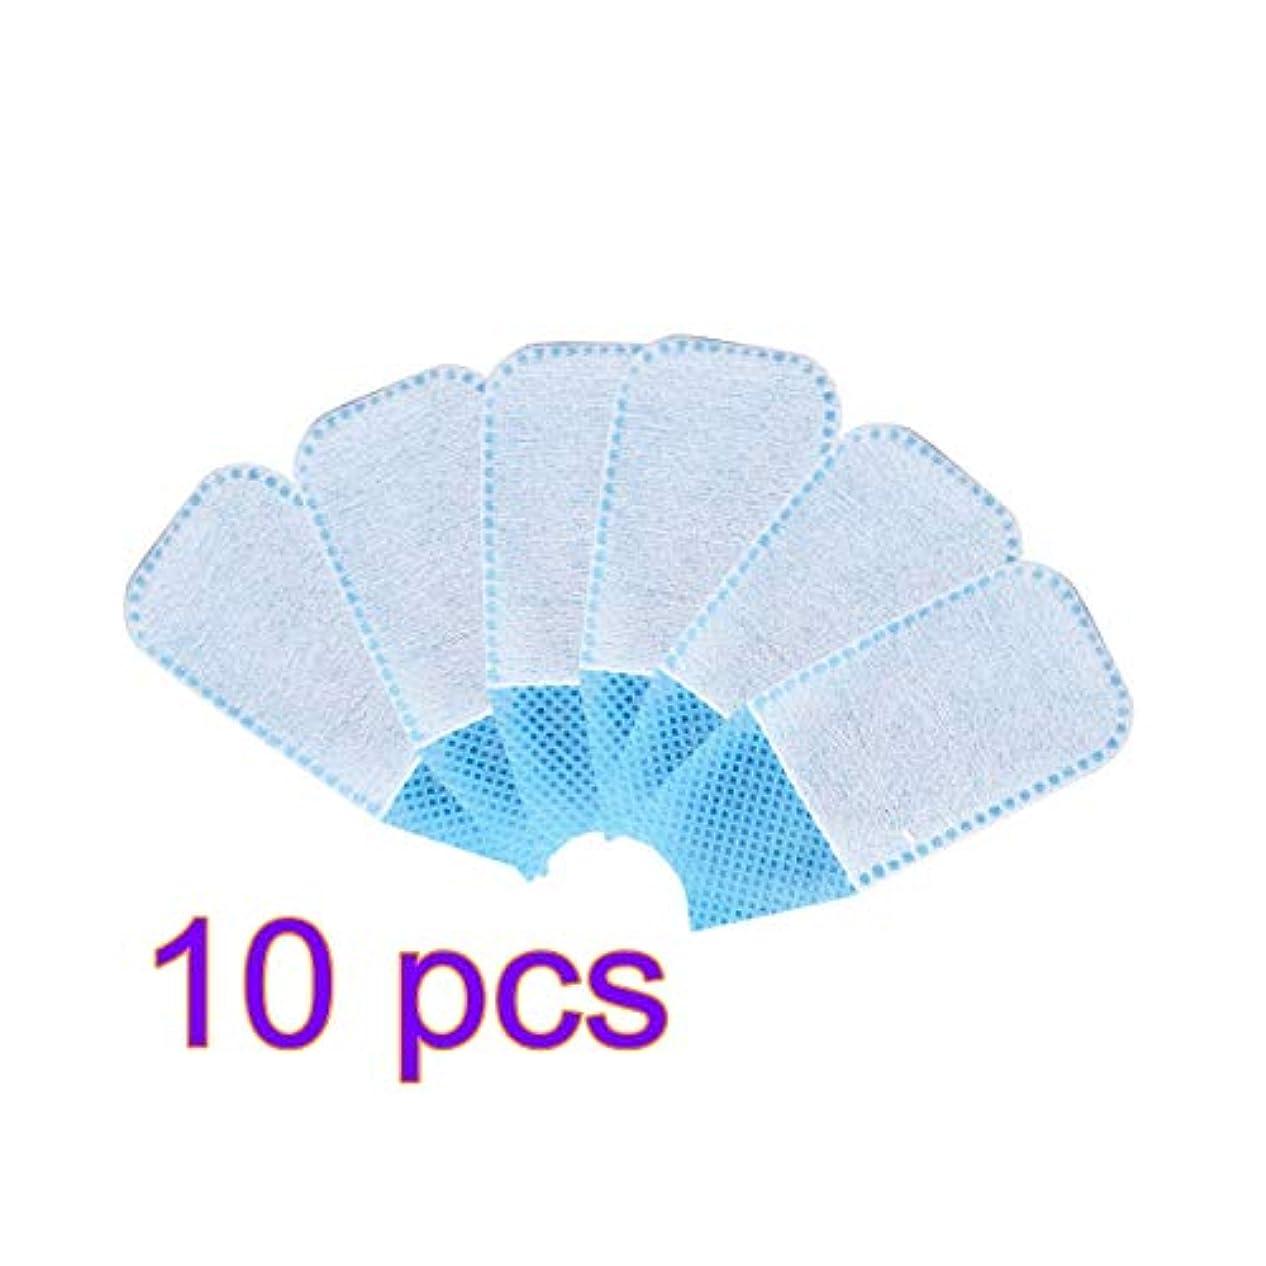 球体ピル液体Lurrose 使い捨て指の失速歯ブラシソフトガーゼ歯科指ブラシ口腔衛生クリーニングワイプ 100枚入